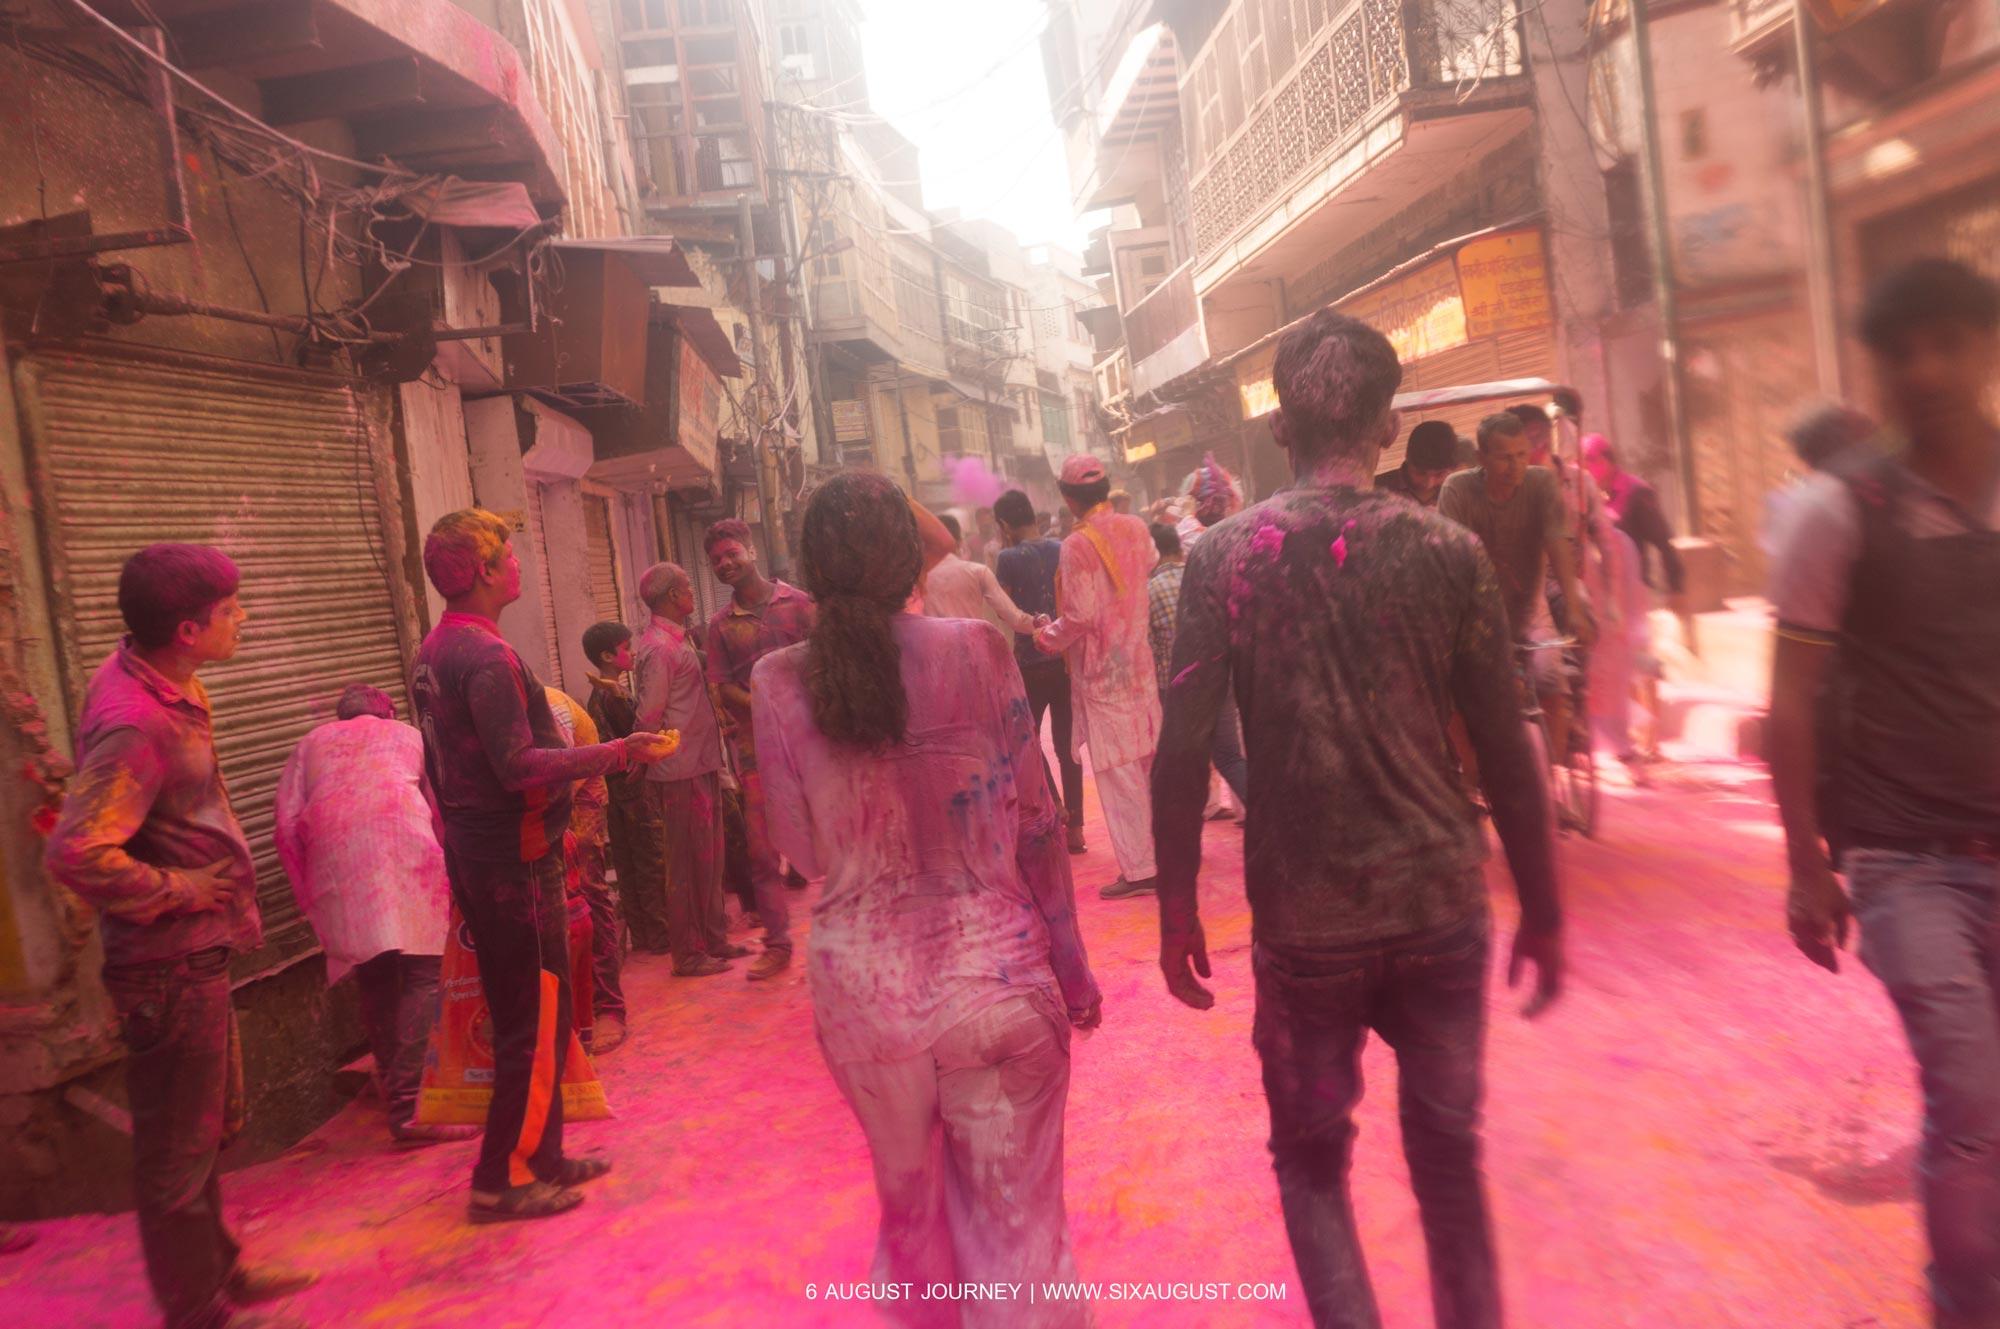 ถนน เทศกาล Holi